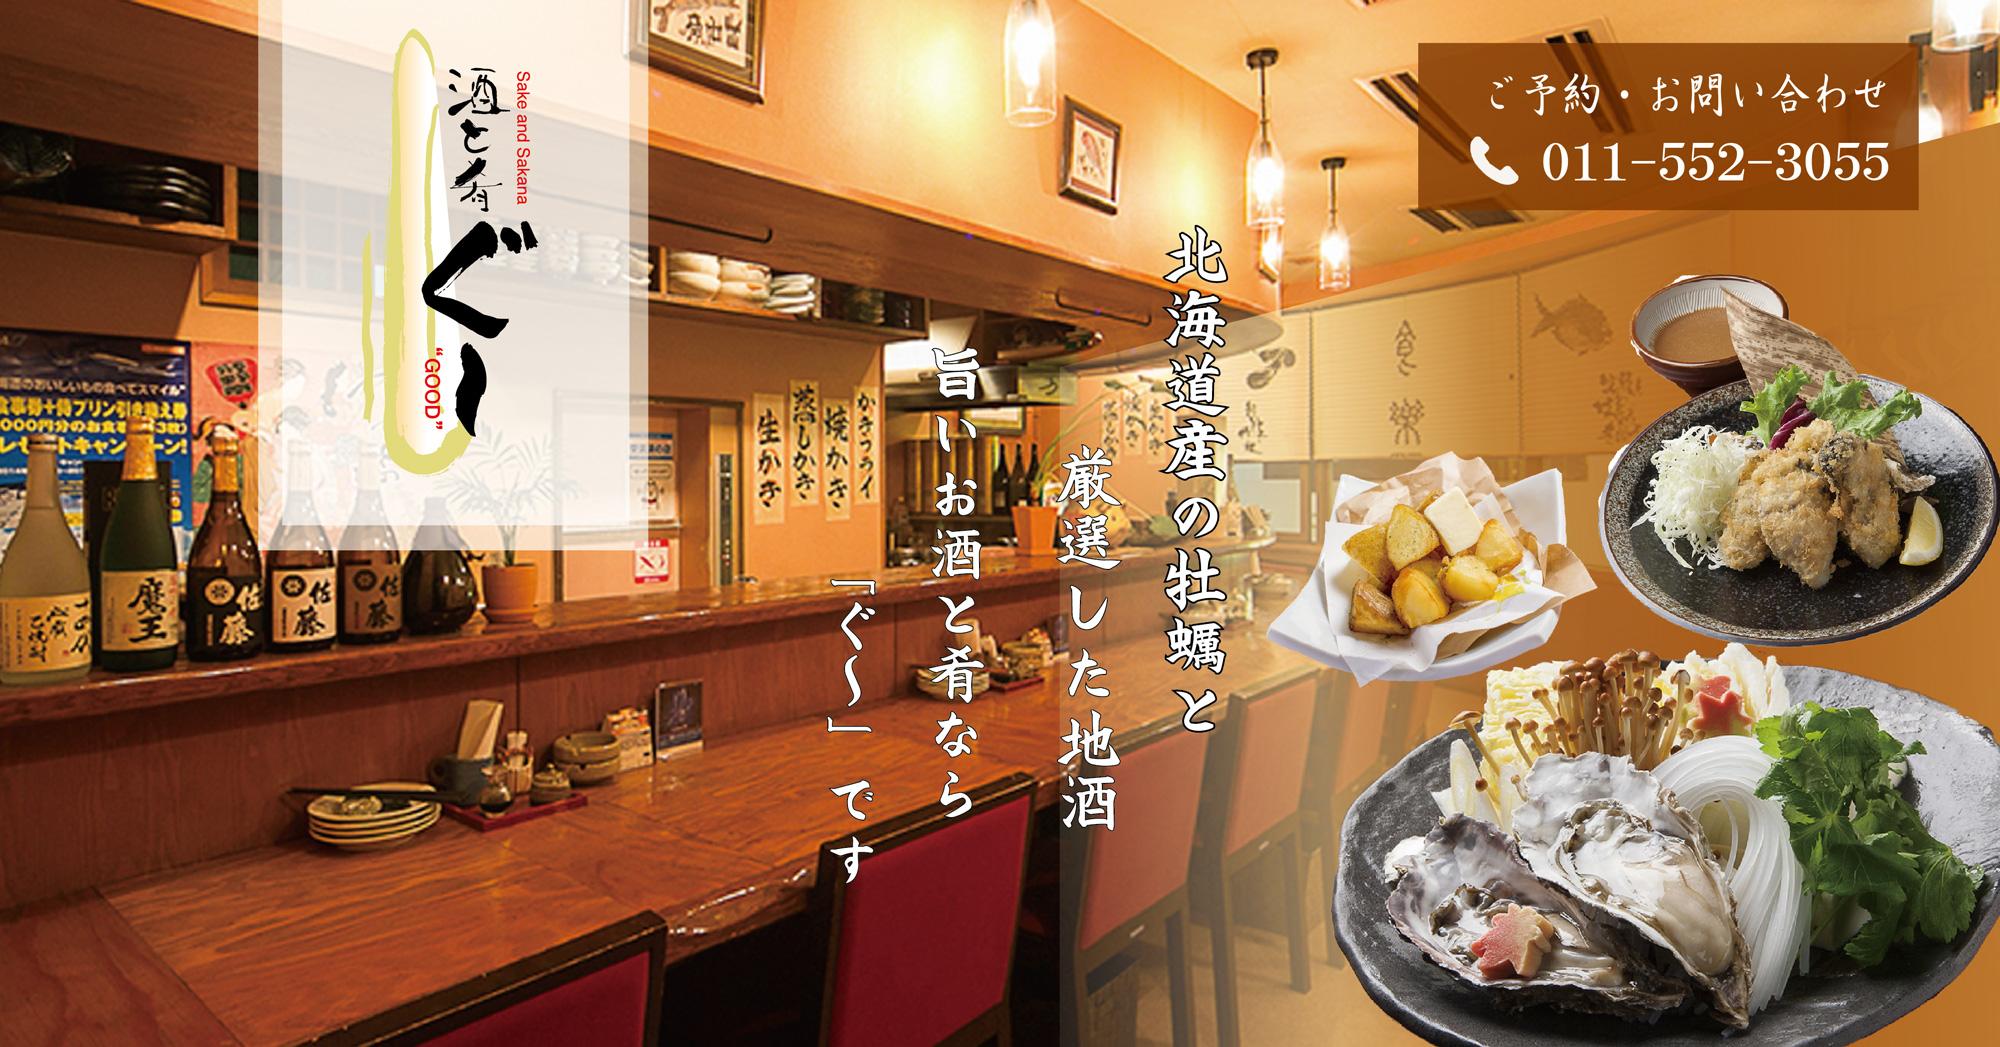 札幌すすきの(薄野)の居酒屋「 ぐ~ 」。自慢の牡蠣(かき)と定番から希少価値の高い地酒が売り。海鮮と大将拘りの料理を是非!